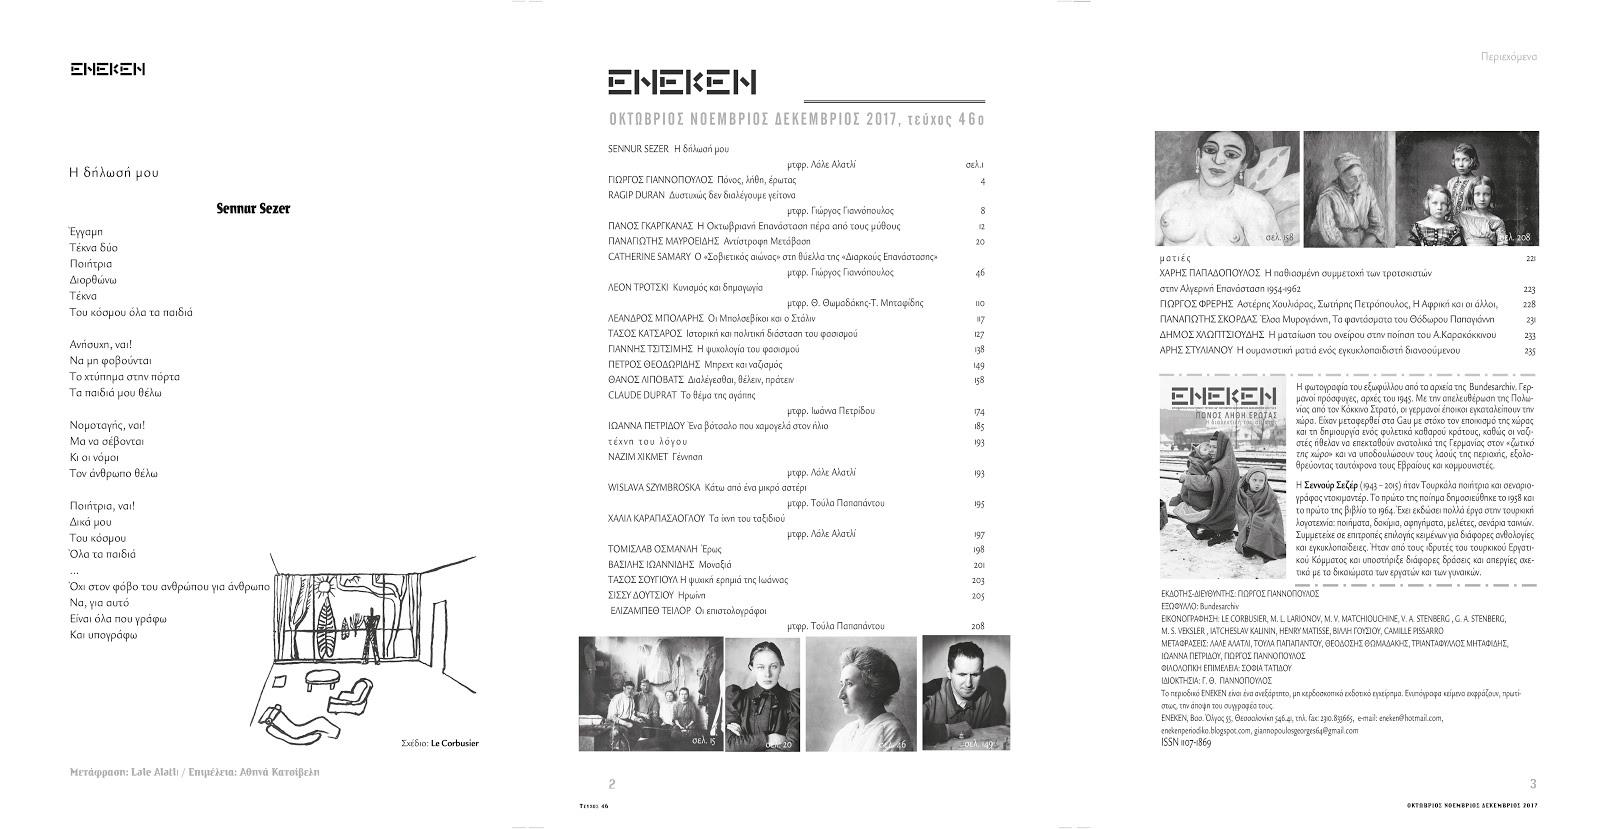 Περιοδικό ΕΝΕΚΕΝ τεύχος 46